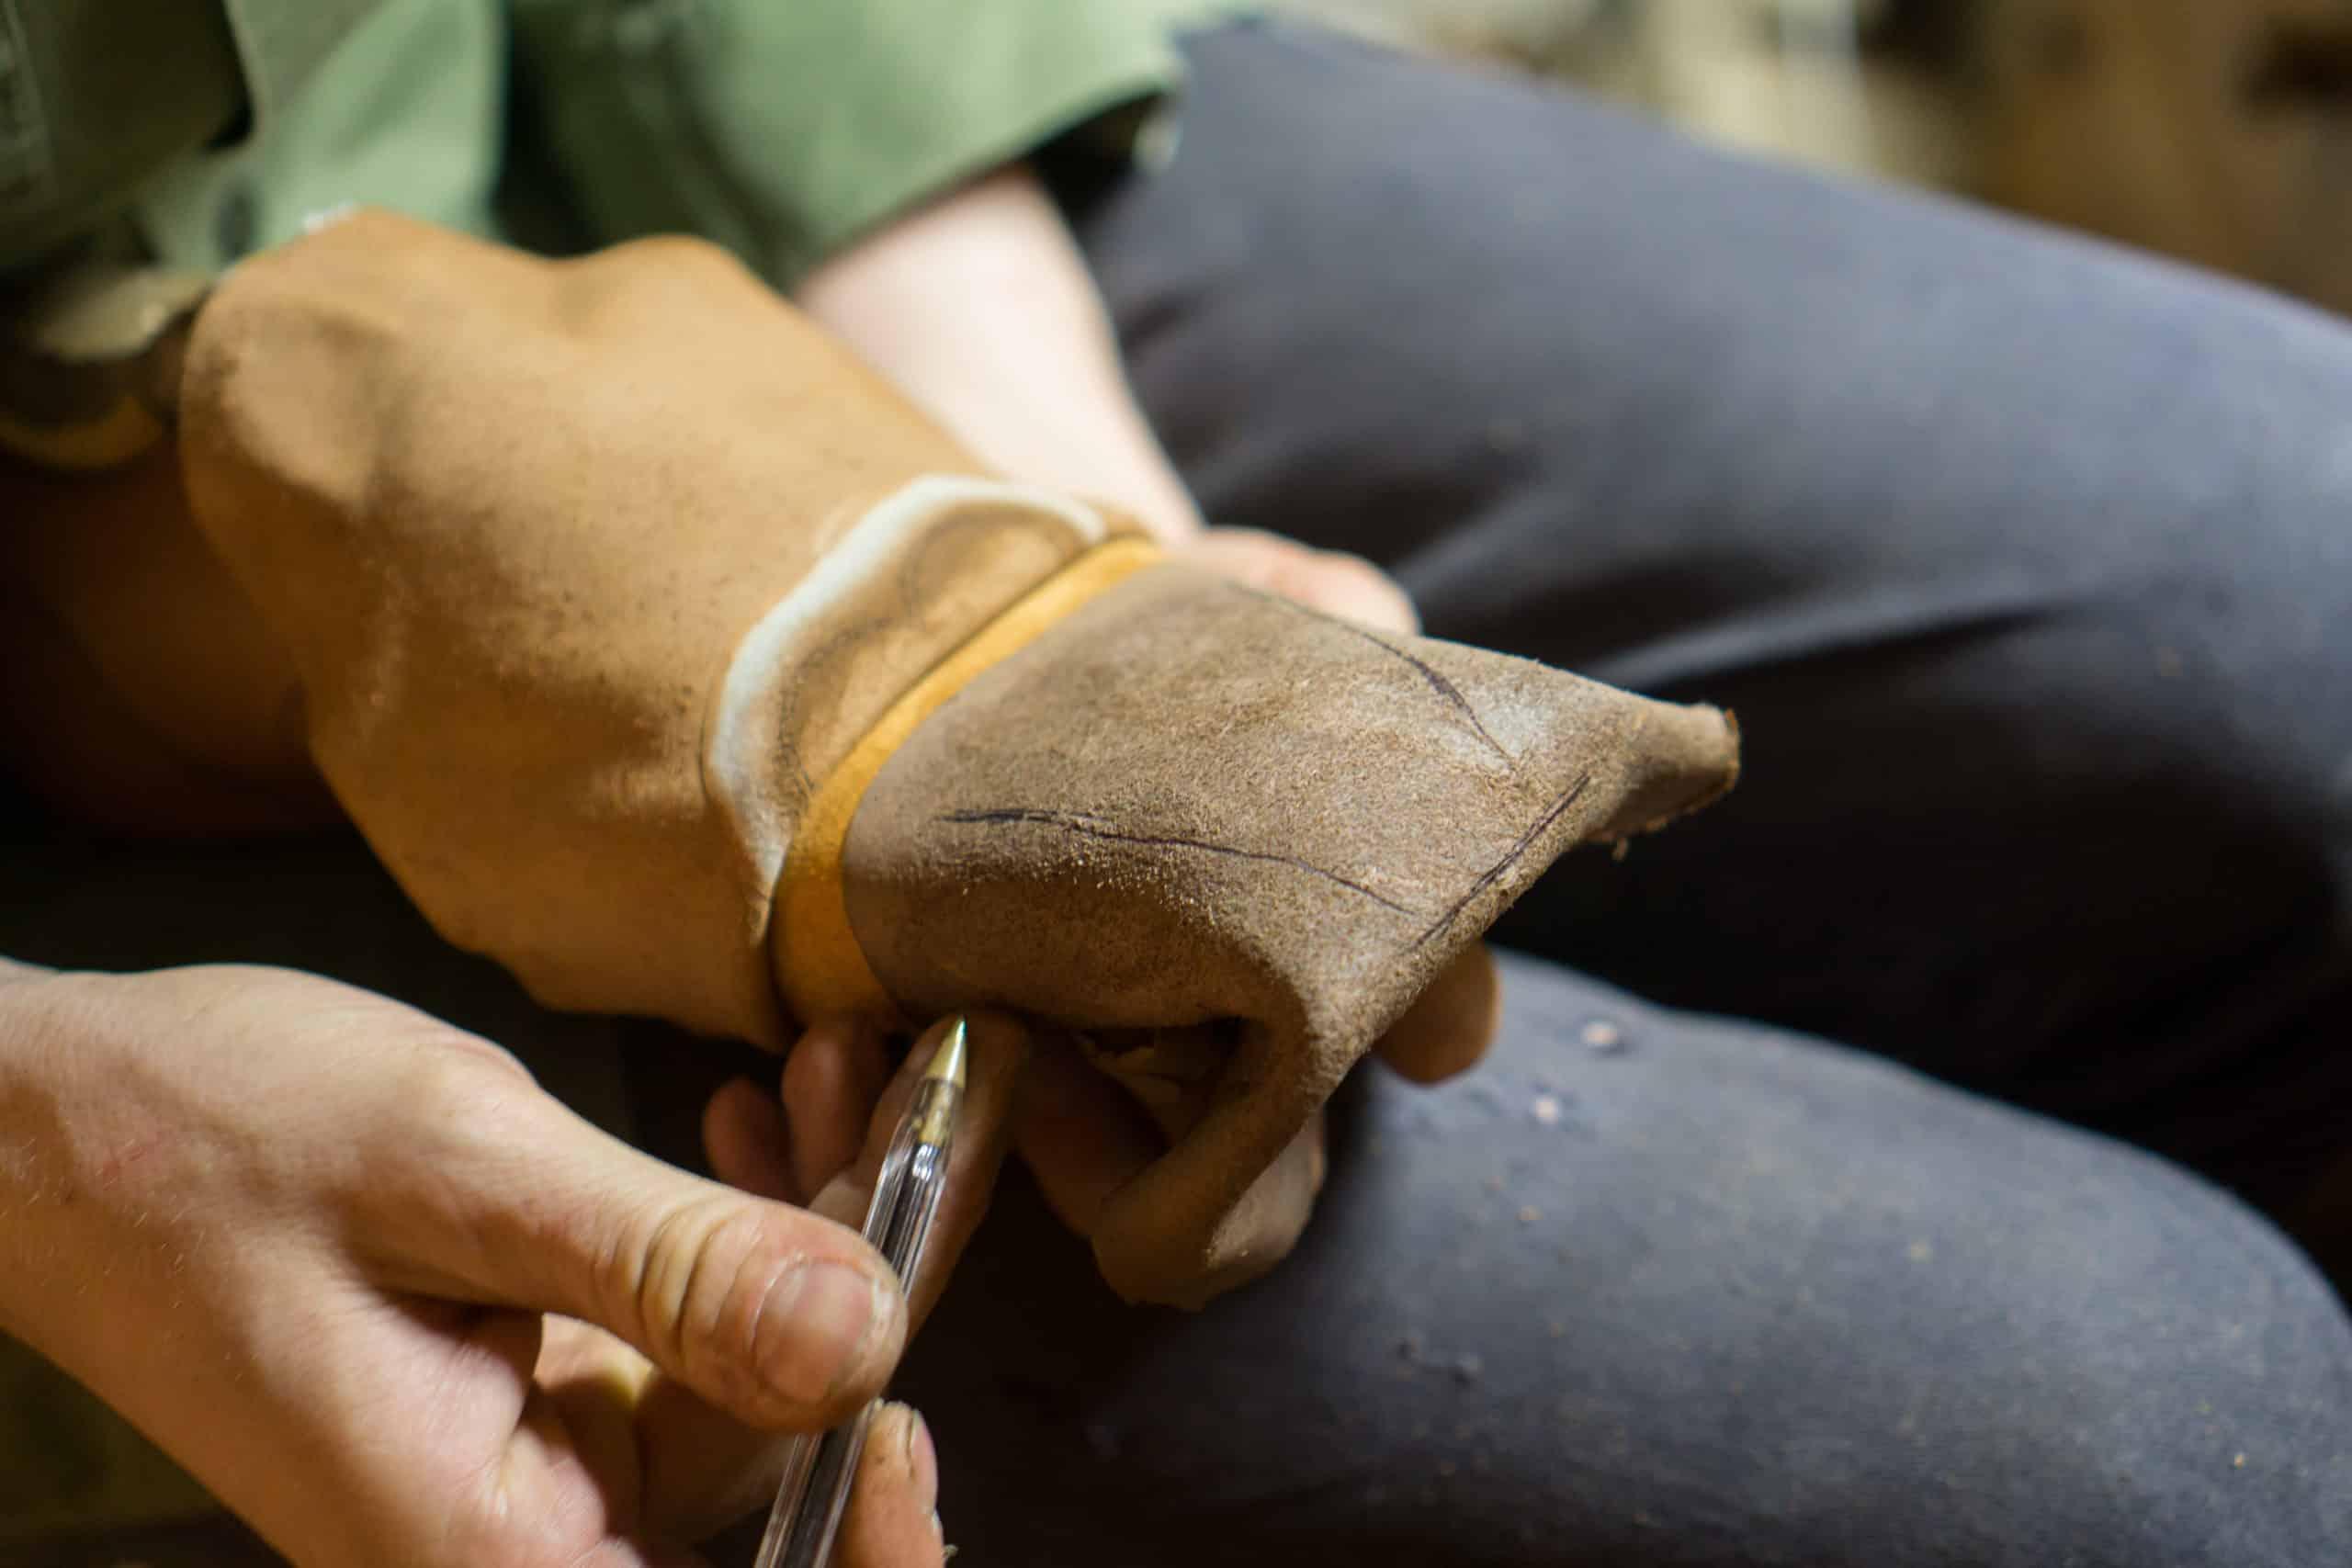 Un bout dur en cuir fabriqué de façon artisanale. (Source : Shoegazing)